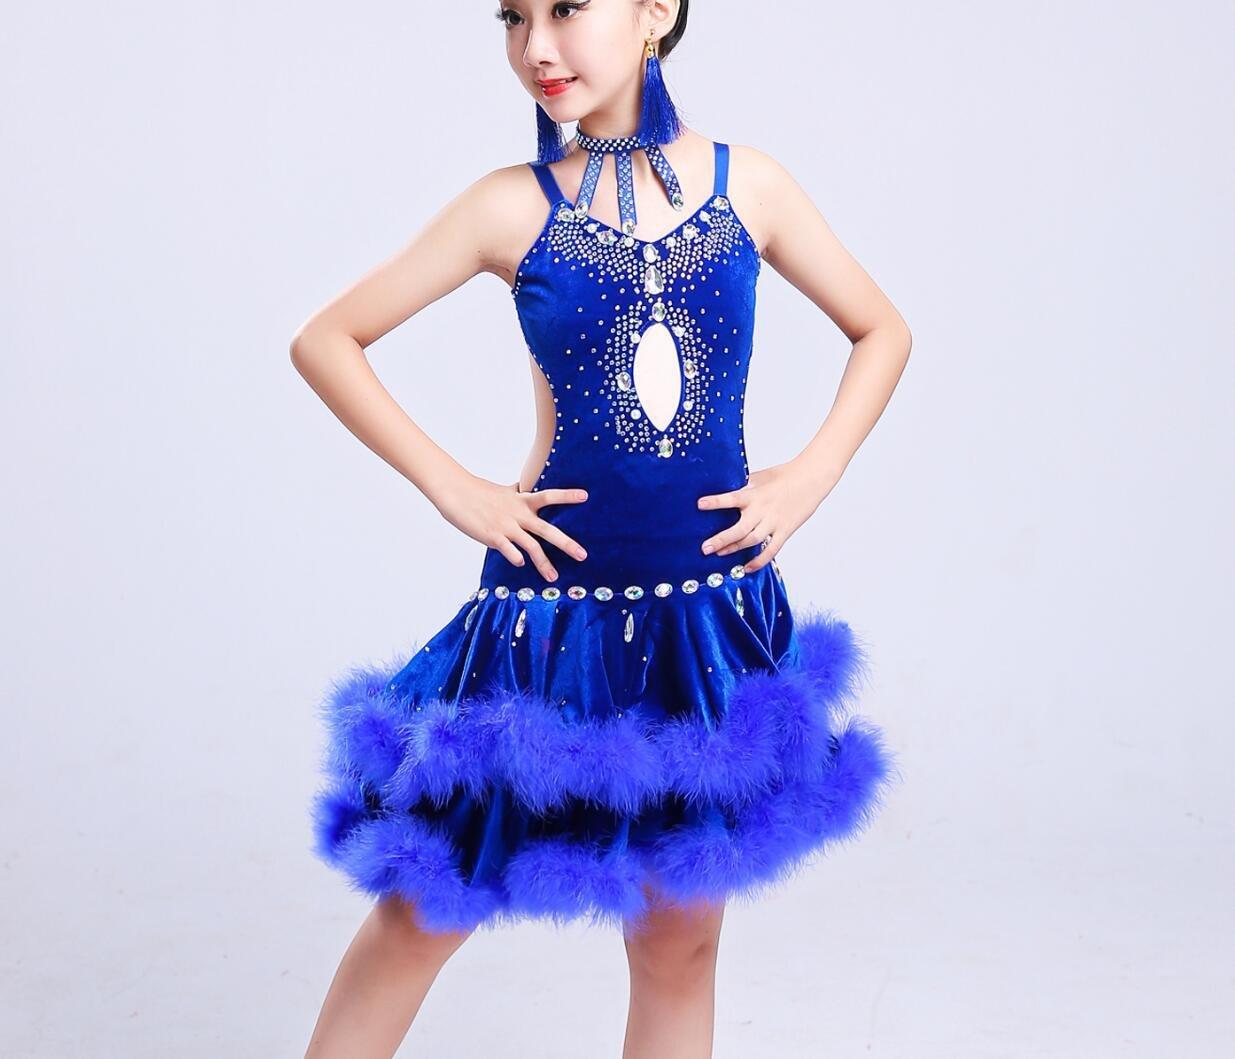 Bleu Costume de Danse Latine pour Enfants Costume de Danse Latine pour Enfants Dance Dance Costume Blanc Rouge Bleu Noir 150cm